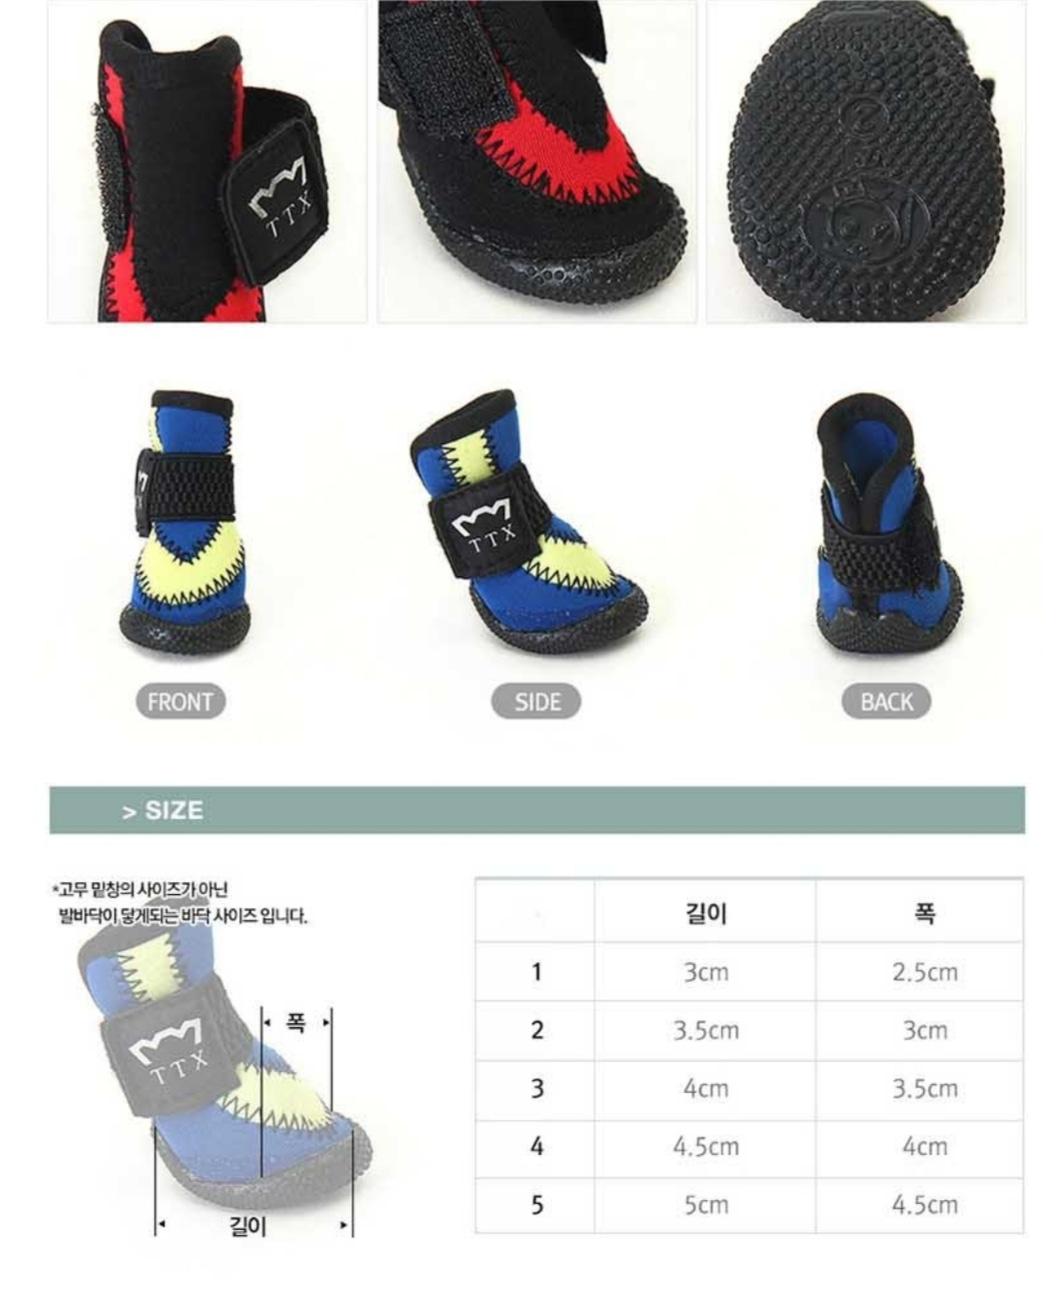 애견신발 네오플랜 신발 가볍  1~2회착용(신발1호)